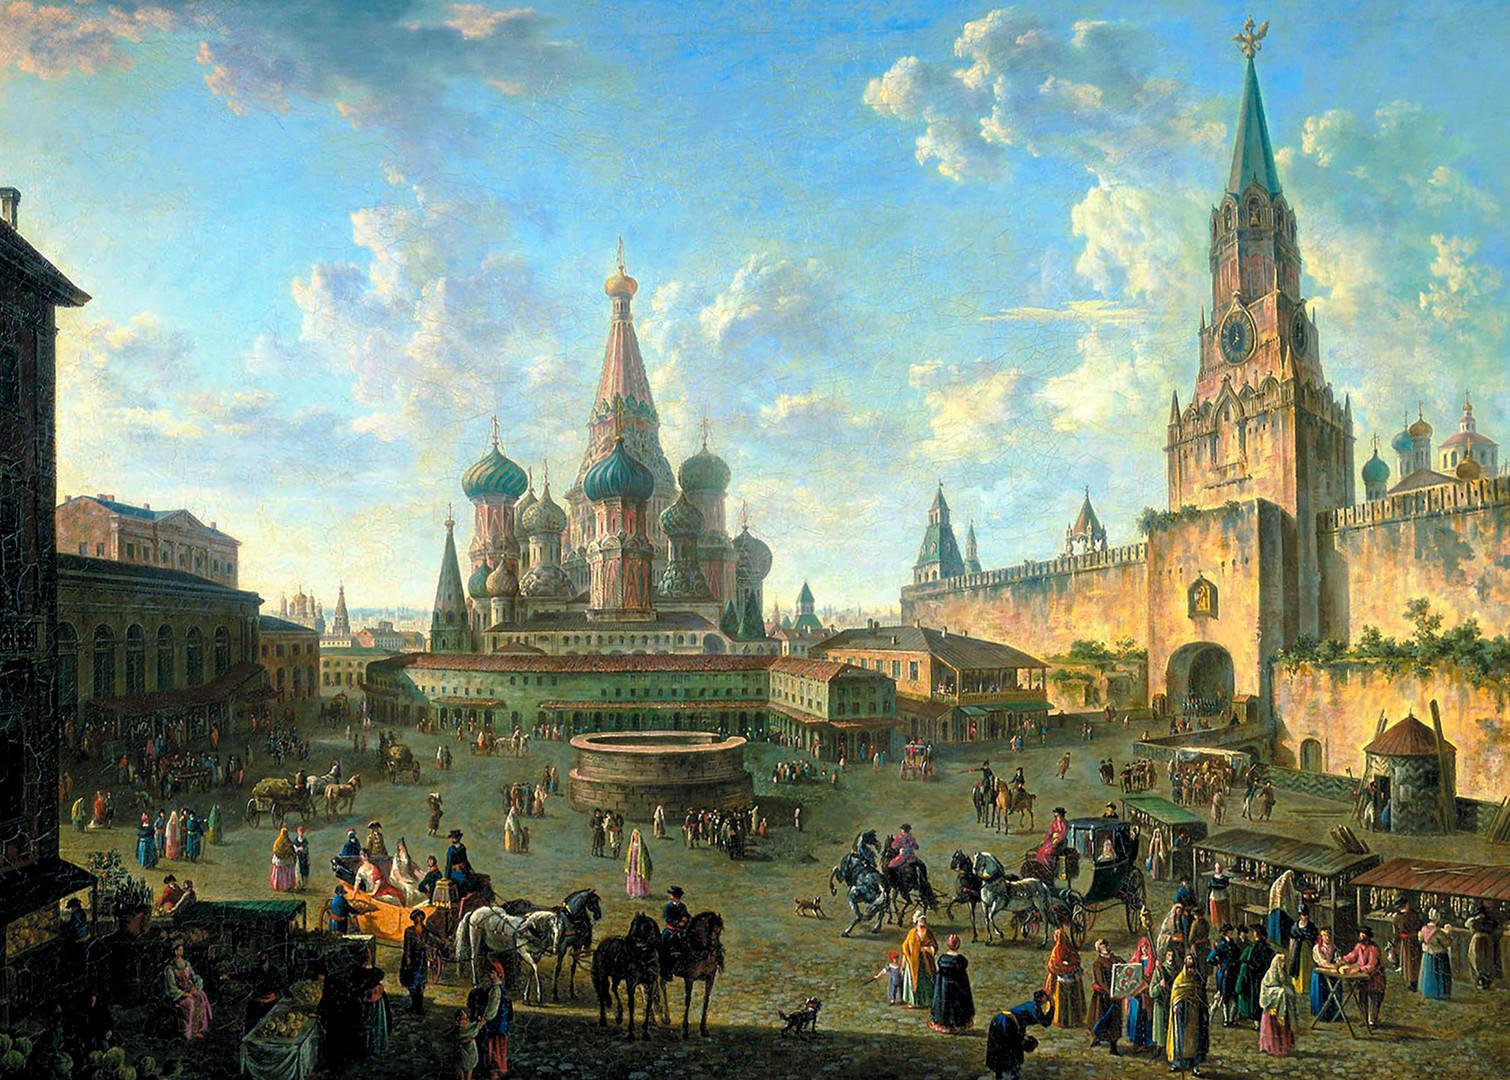 Rdeči trg s katedralo sv. Vasilija v središču.